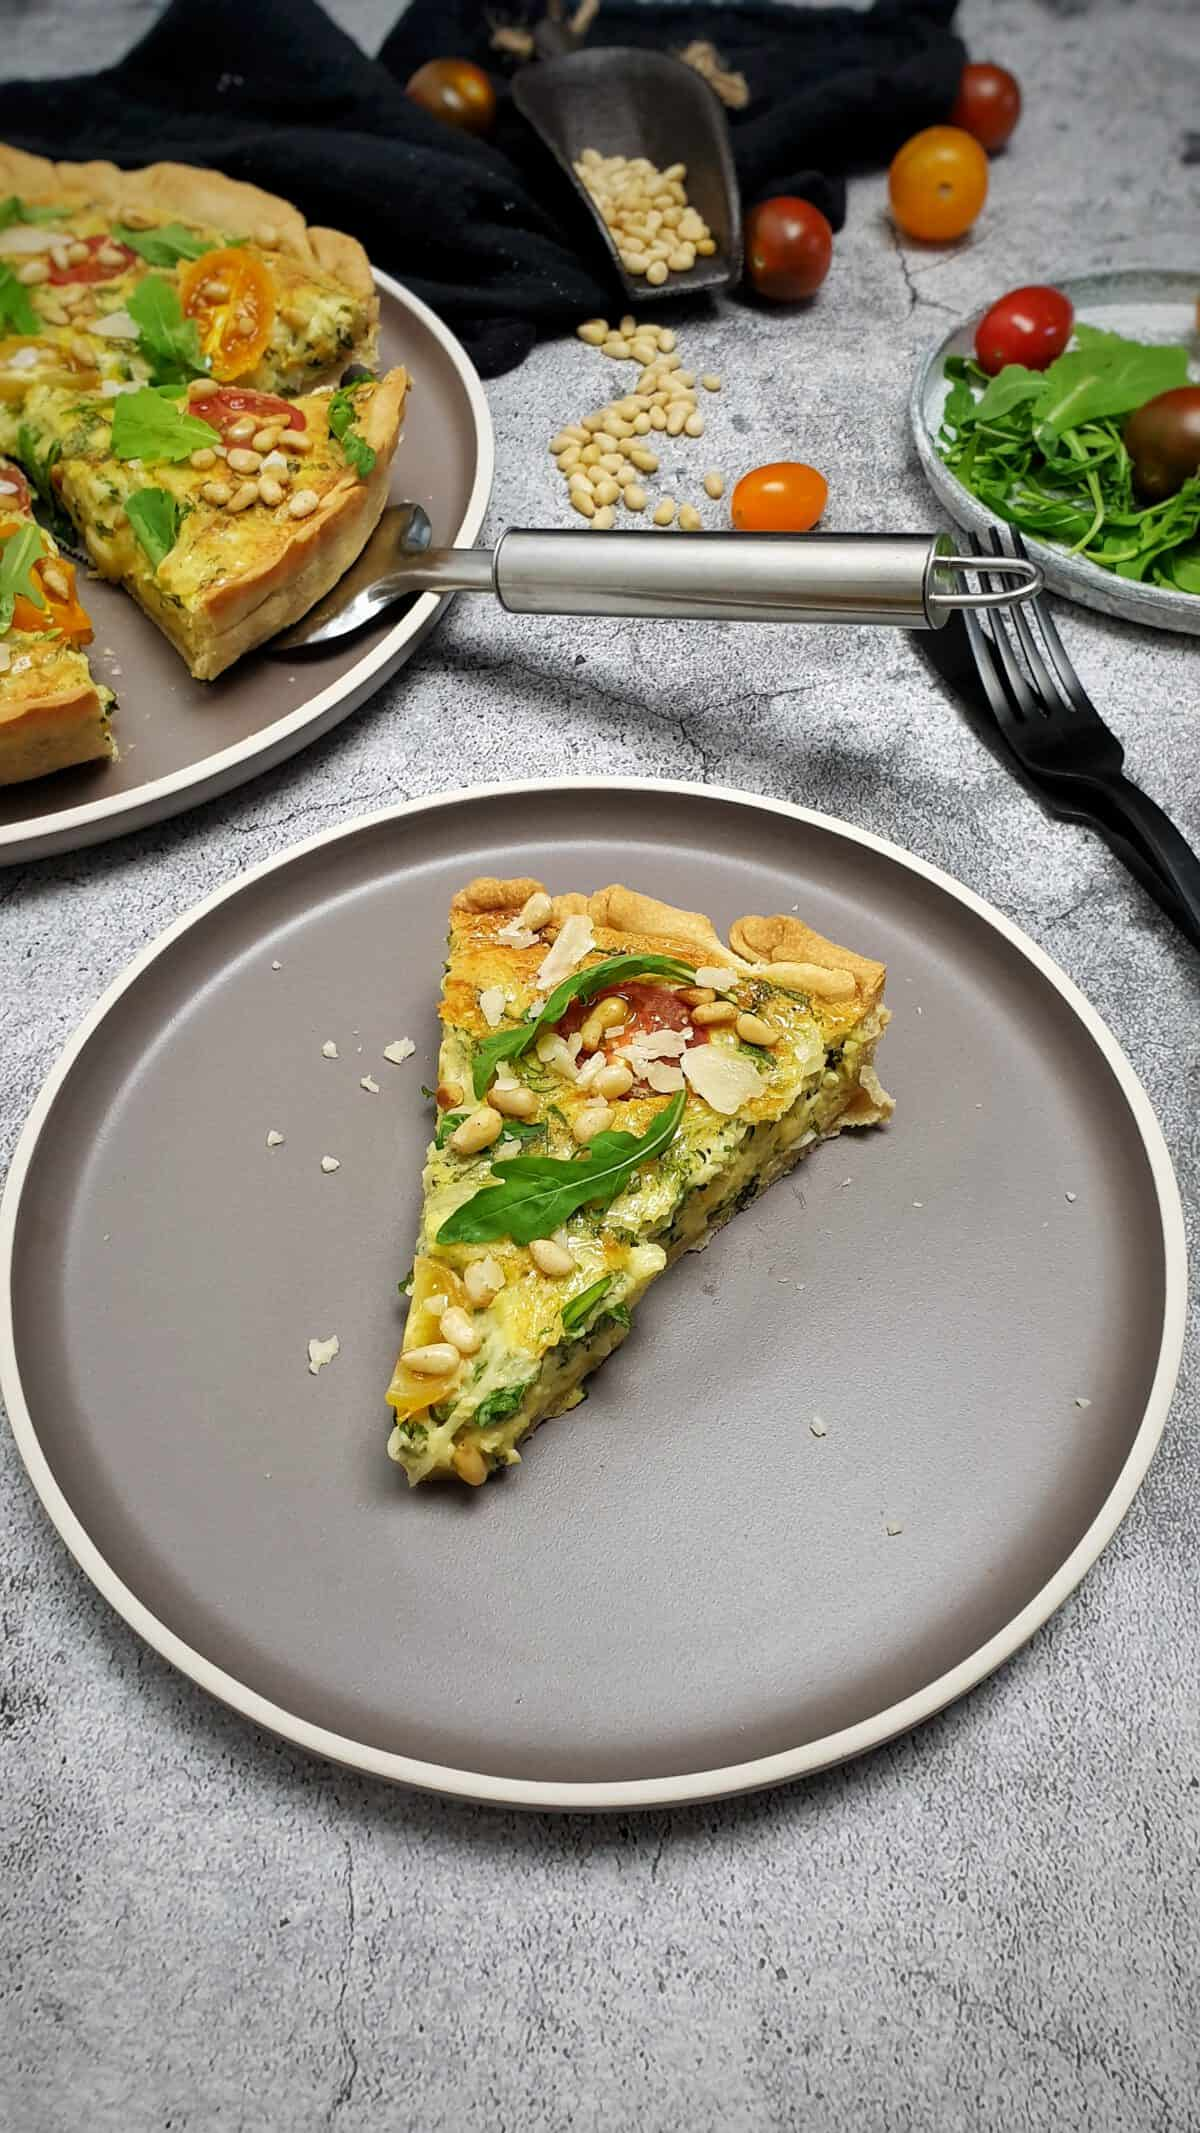 Auf einem graubraunen Teller ein Stück Quiche mit Rucol, Tomaten und Pinienkernen. Mit Parmesan bestreut. Im Hintergrund Deko.